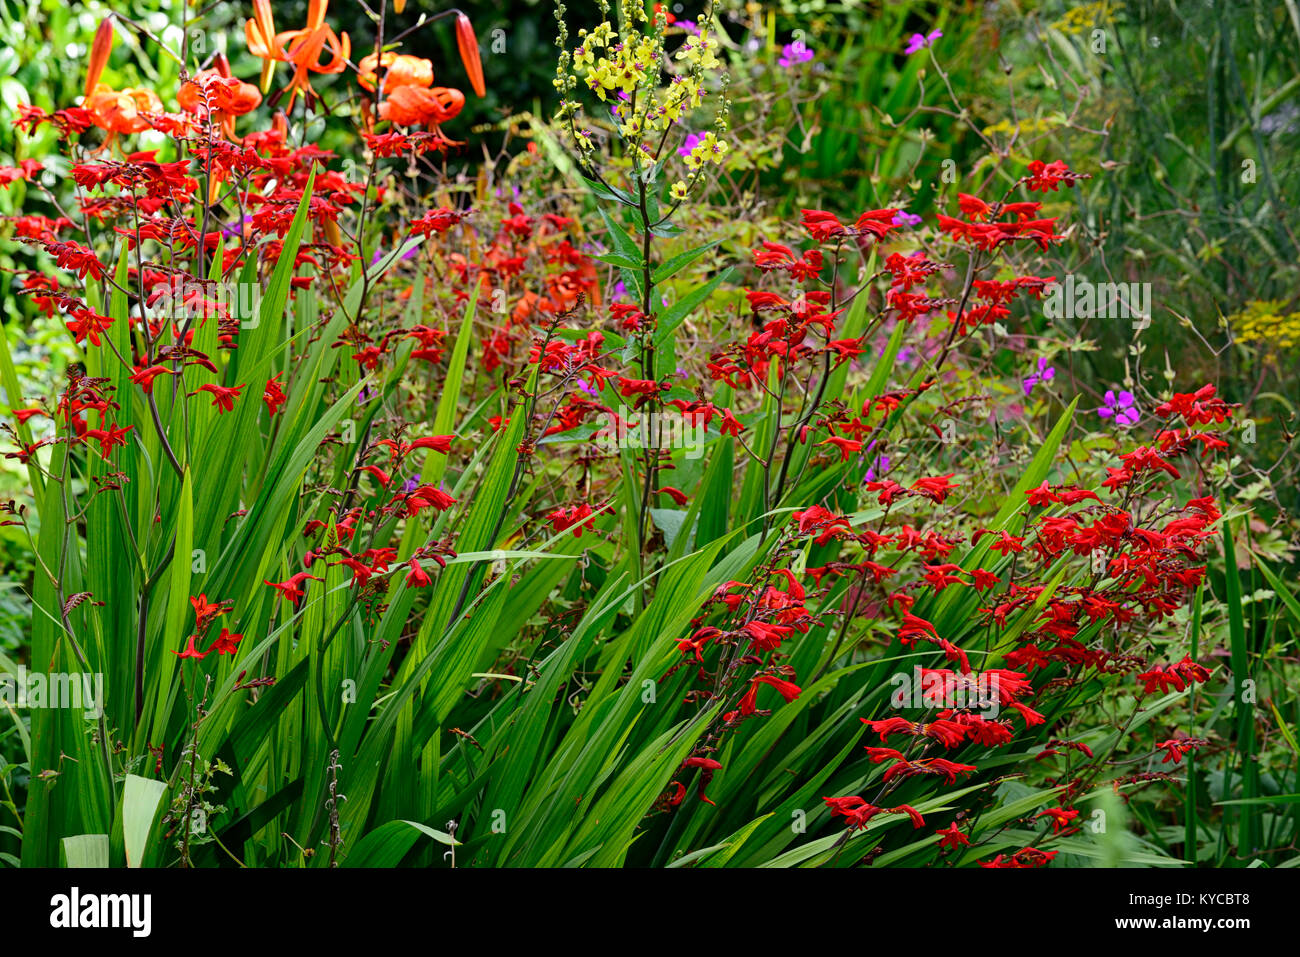 crocosmia lucifer,verbascum,Foeniculum vulgare Purpureum,lilium lancifolium,bronze fennel,leaves,foliage,red flowers,flowering,garden,gardens,RM Stock Photo